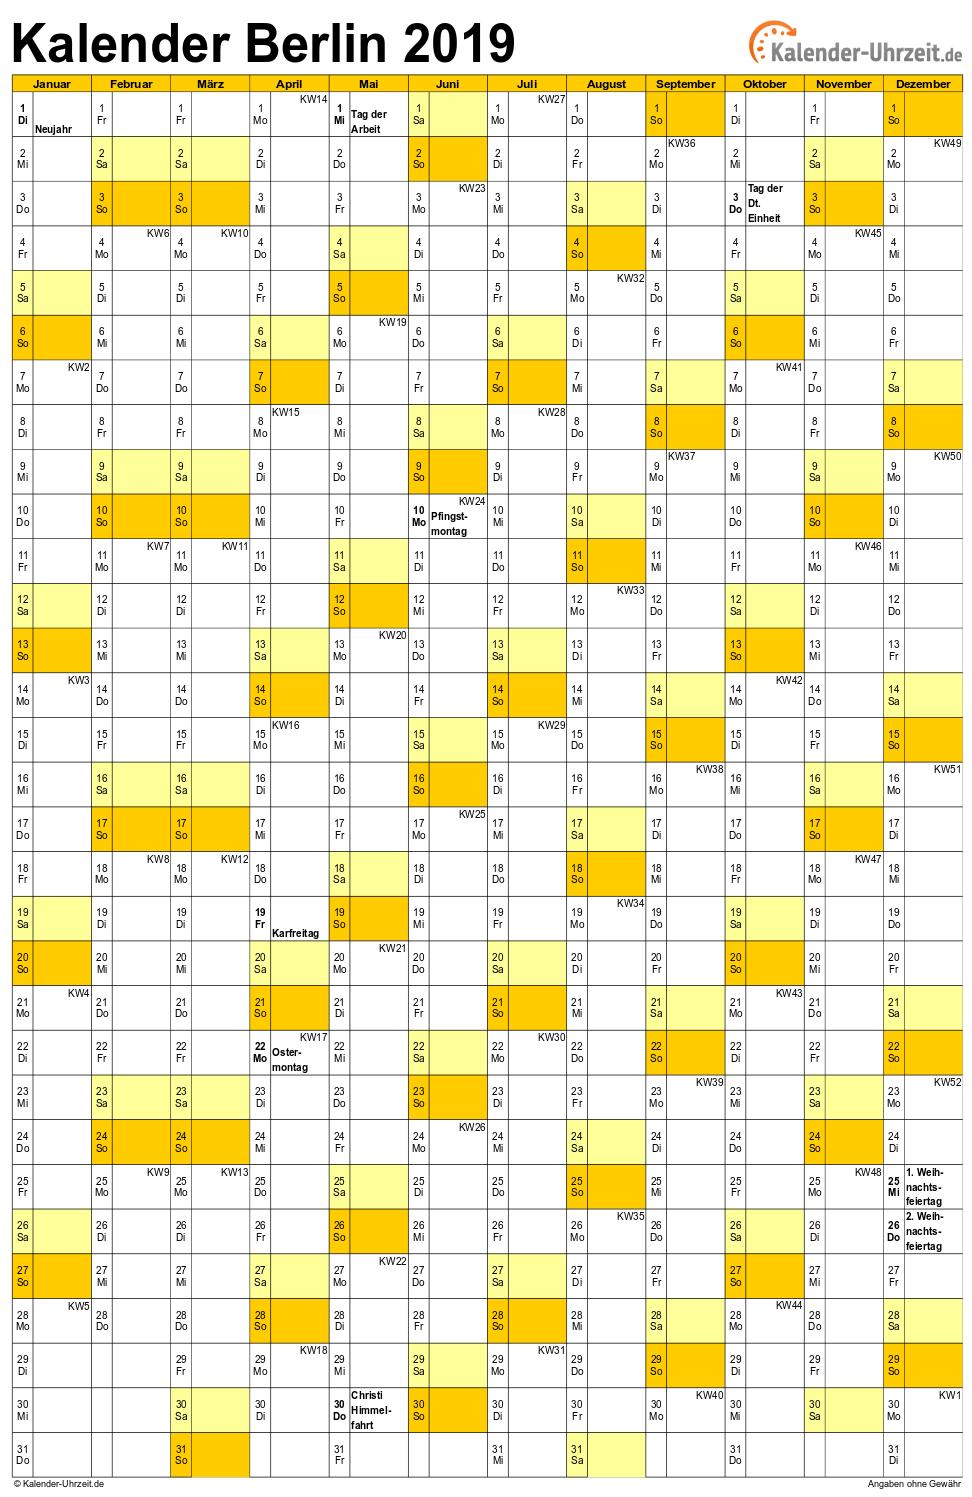 Berlin Kalender 2019 mit Feiertagen - hoch-einseitig